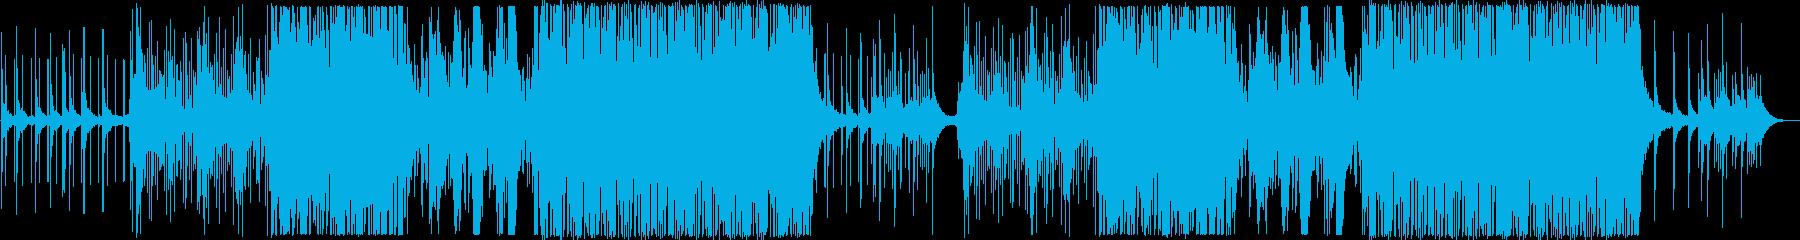 大人な雰囲気のお洒落なジャズの曲の再生済みの波形